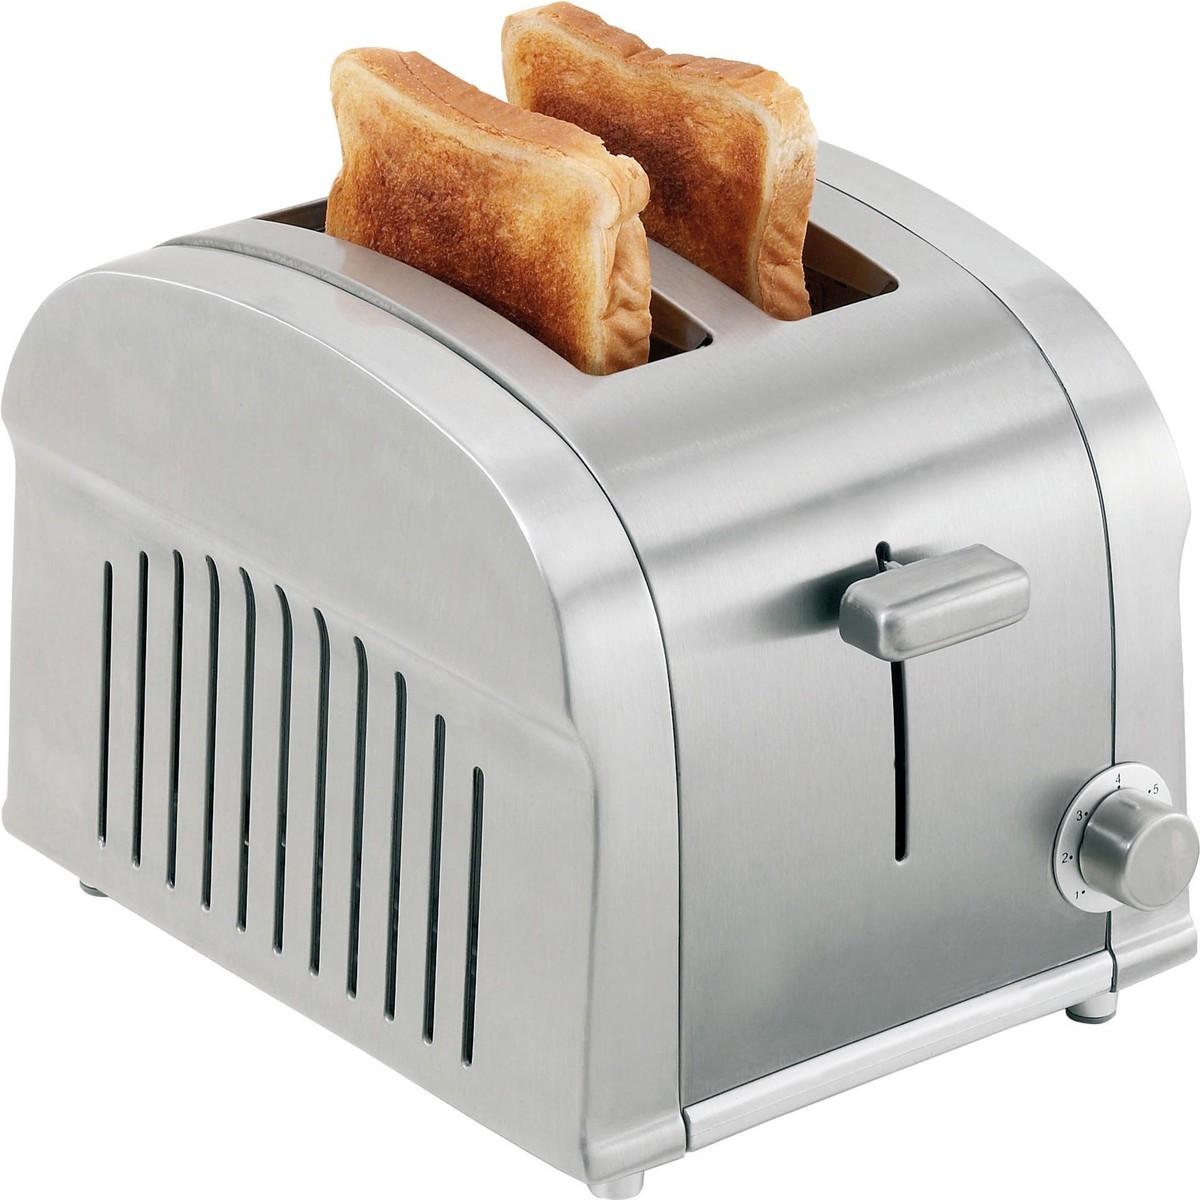 2 Scheiben Toaster